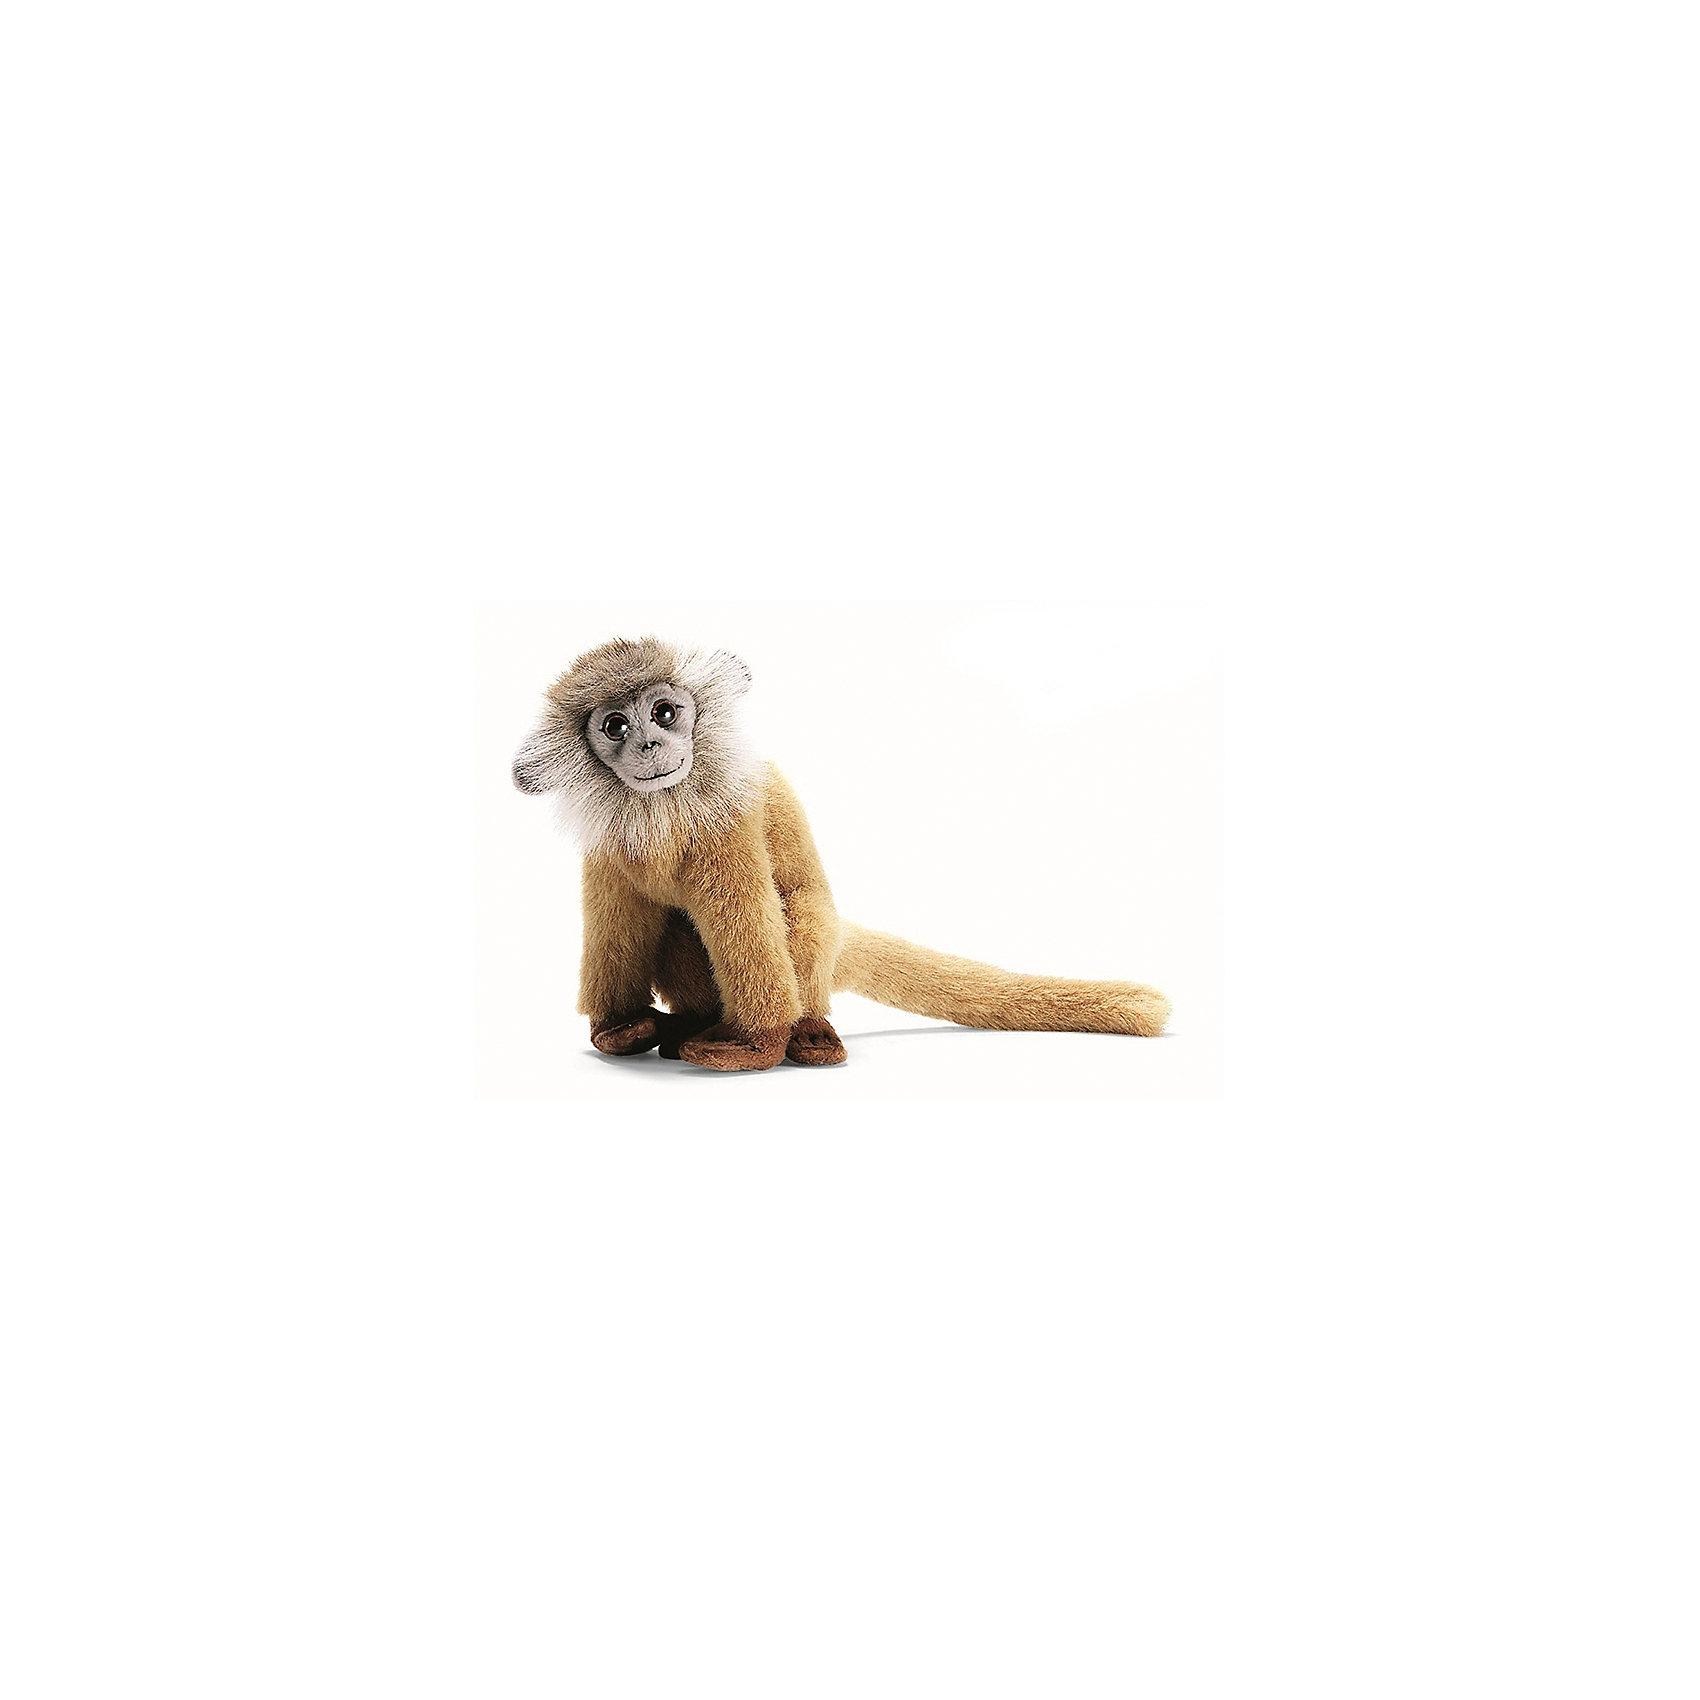 Мягкая игрушка Hansa Лангур палевый, 18 смМягкие игрушки животные<br>Характеристики товара:<br><br>• возраст: от 3 лет;<br>• материал: искусственный мех;<br>• высота игрушки: 18 см;<br>• размер упаковки: 18х16х13 см;<br>• вес упаковки: 80 гр.;<br>• страна производитель: Филиппины.<br><br>Мягкая игрушка Лангур палевый Hansa 18 см — очаровательная обезьянка с глазками-пуговками и длинным хвостиком, которая станет для ребенка любимым домашним питомцем. Игрушку можно брать с собой на прогулку, в детский садик, в гости и устраивать вместе с друзьями веселые игры. <br><br>Внутри проходит титановый каркас, который позволяет менять положение лап, туловища, поворачивать голову. Игрушка сделана из качественных безопасных материалов.<br><br>Мягкую игрушку Лангур палевый Hansa 18 см можно приобрести в нашем интернет-магазине.<br><br>Ширина мм: 160<br>Глубина мм: 130<br>Высота мм: 180<br>Вес г: 80<br>Возраст от месяцев: 36<br>Возраст до месяцев: 2147483647<br>Пол: Унисекс<br>Возраст: Детский<br>SKU: 6680726